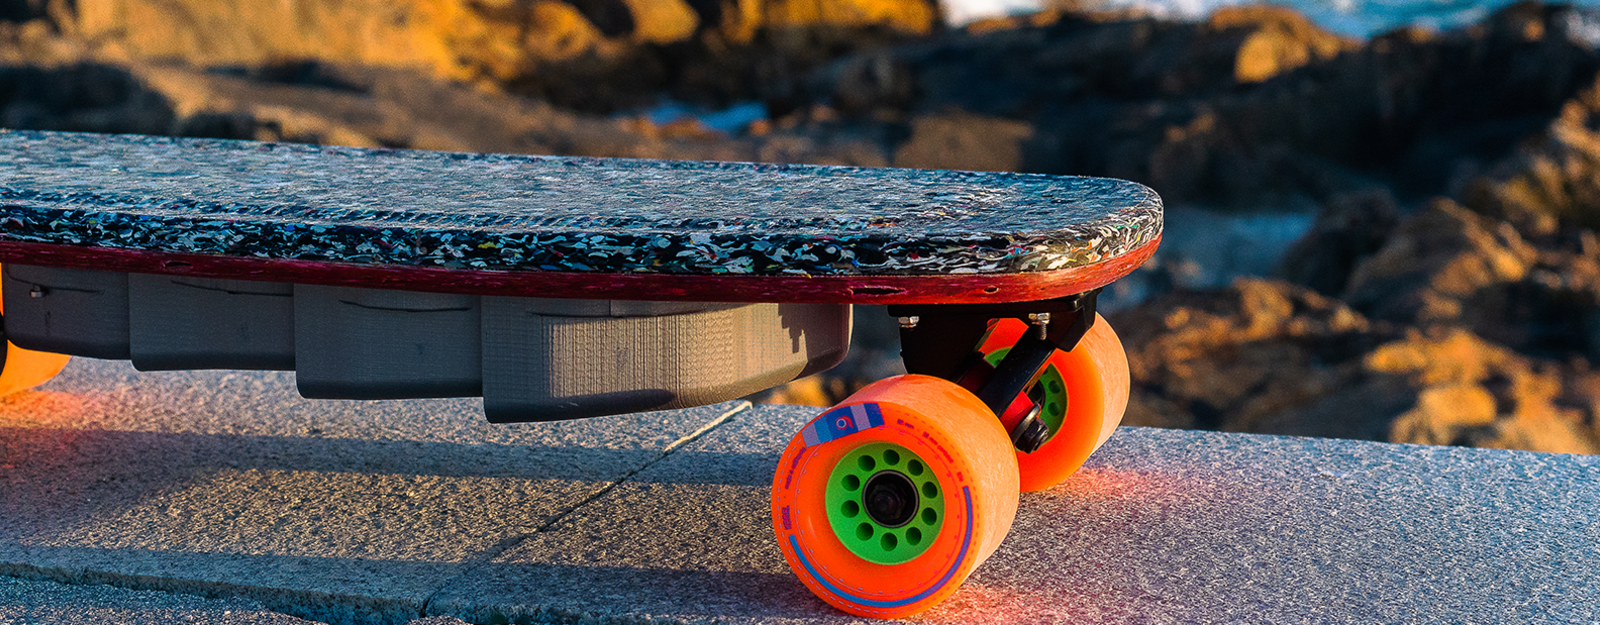 Das DIY-Elektro-Skateboard könnt ihr selber bauen. (Foto: João Leão)